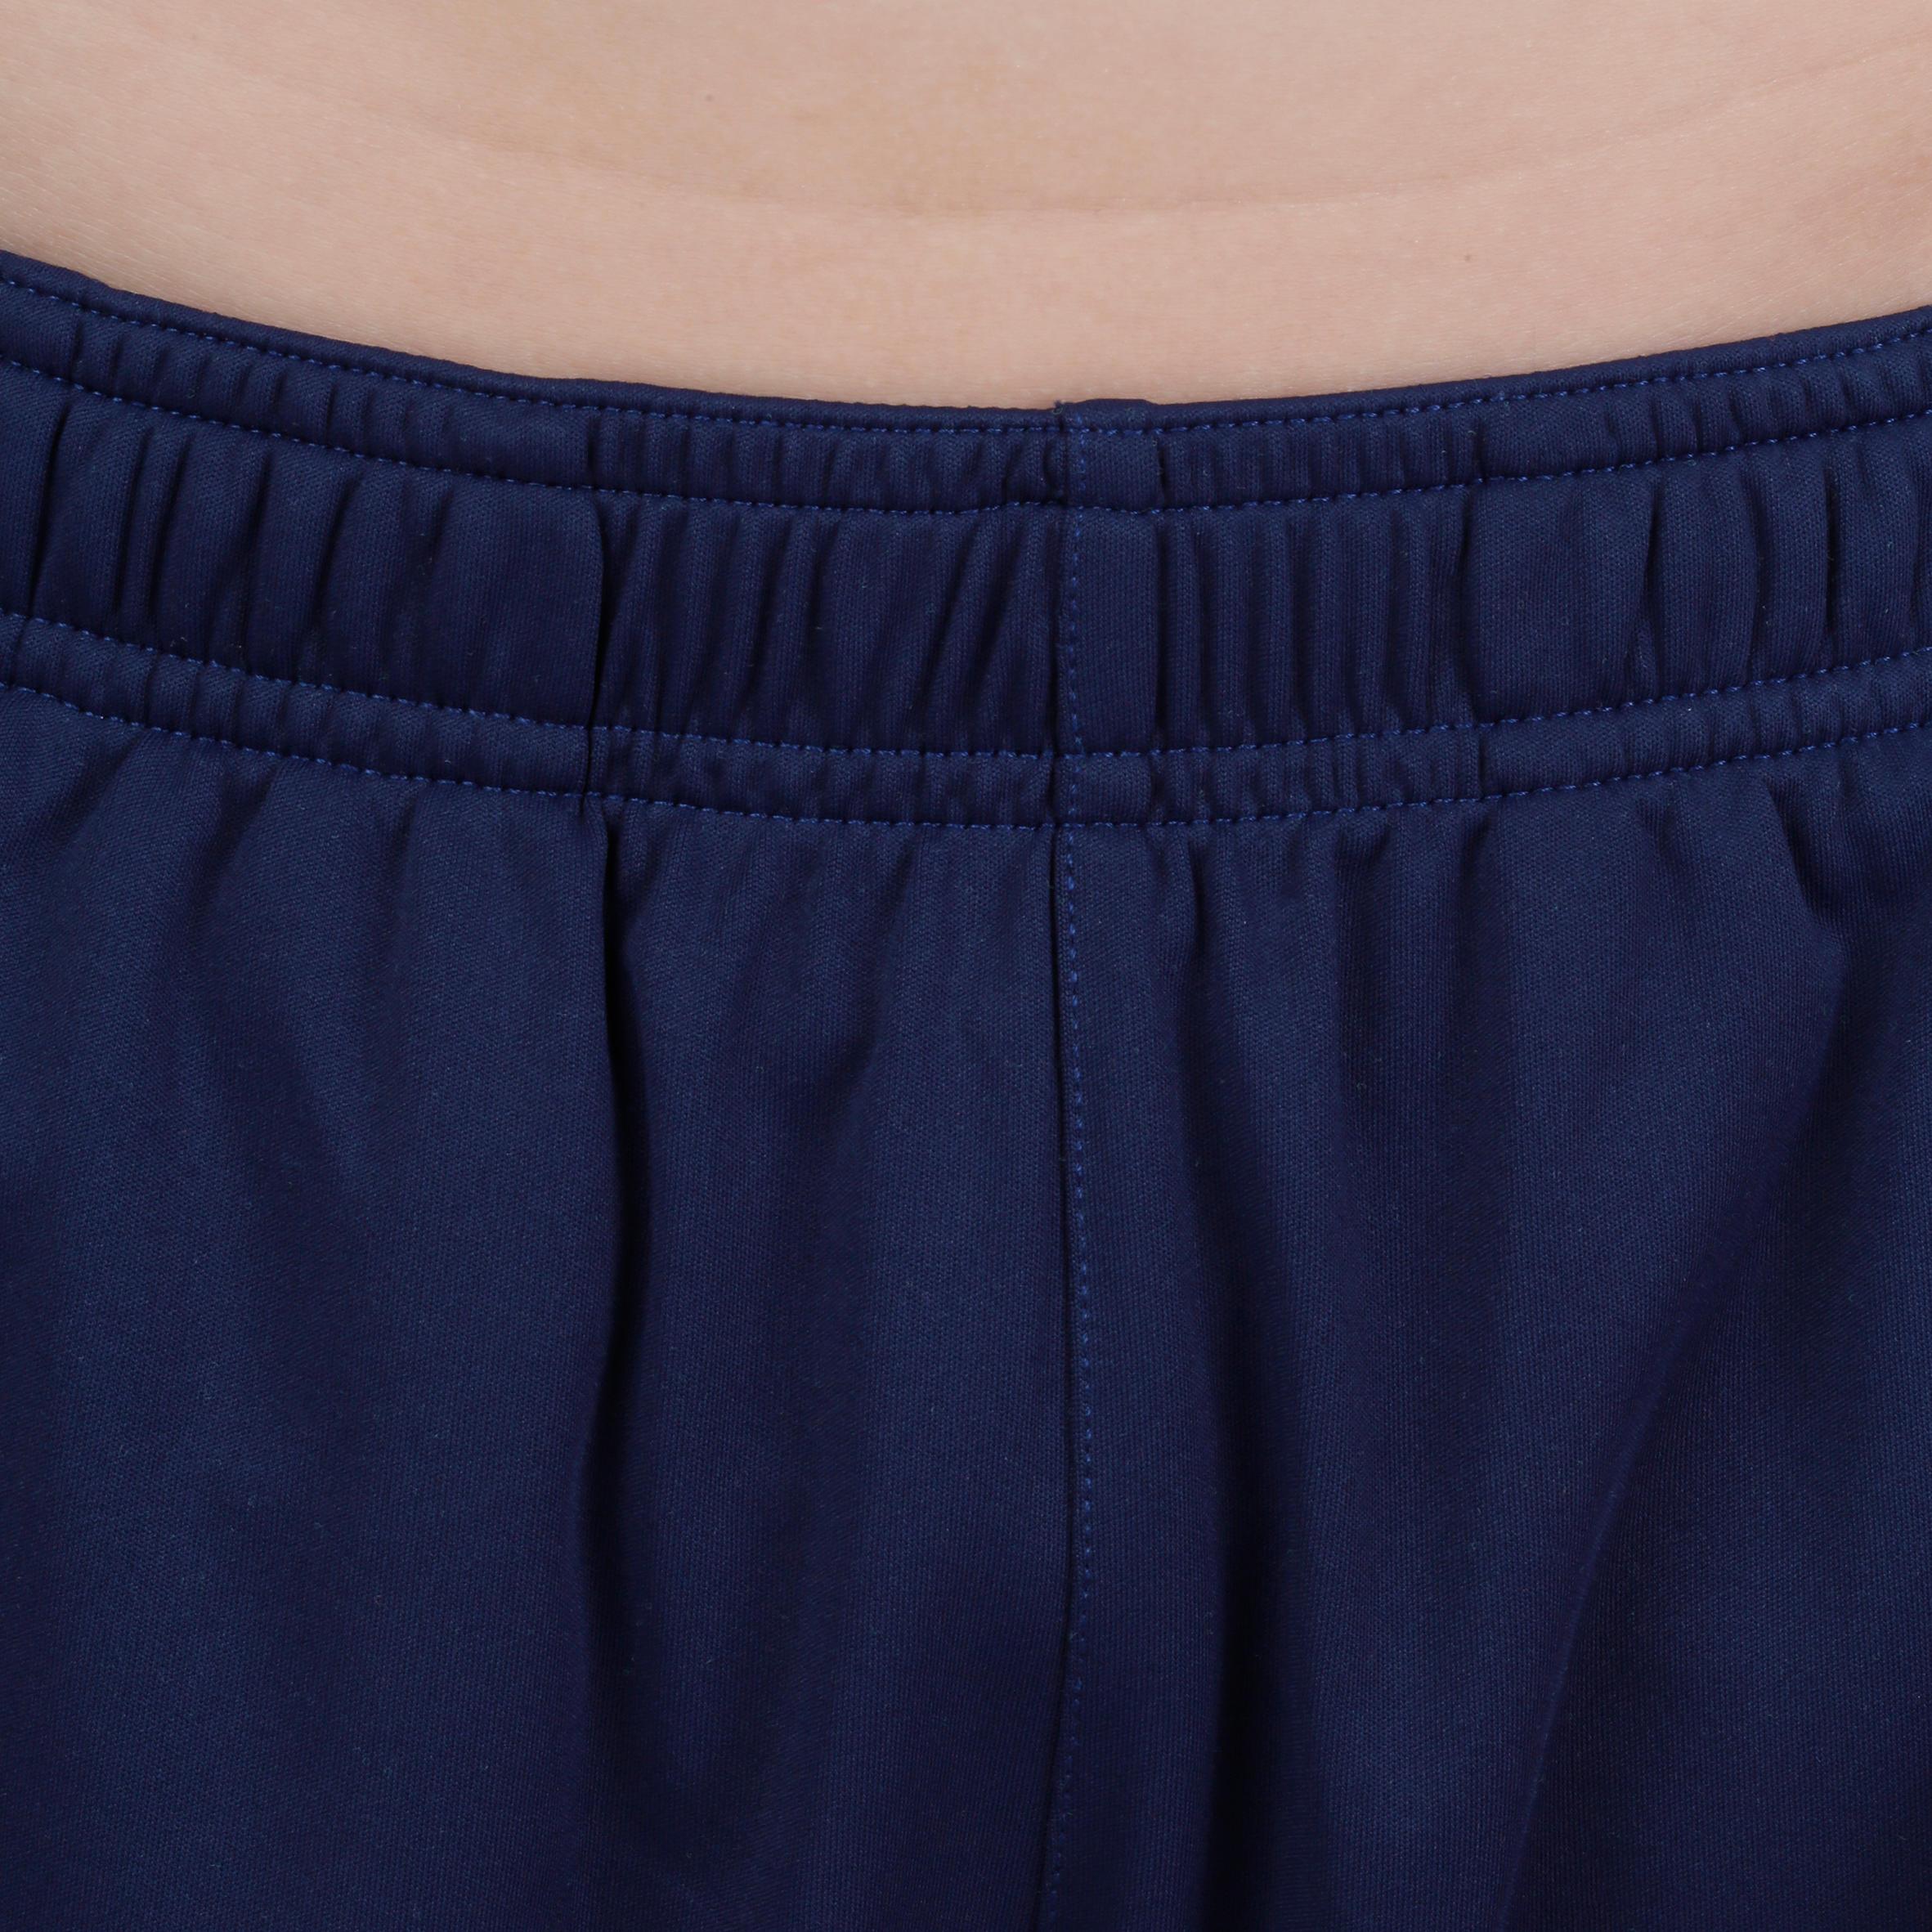 S500 Boys' Gym Shorts - Navy Blue